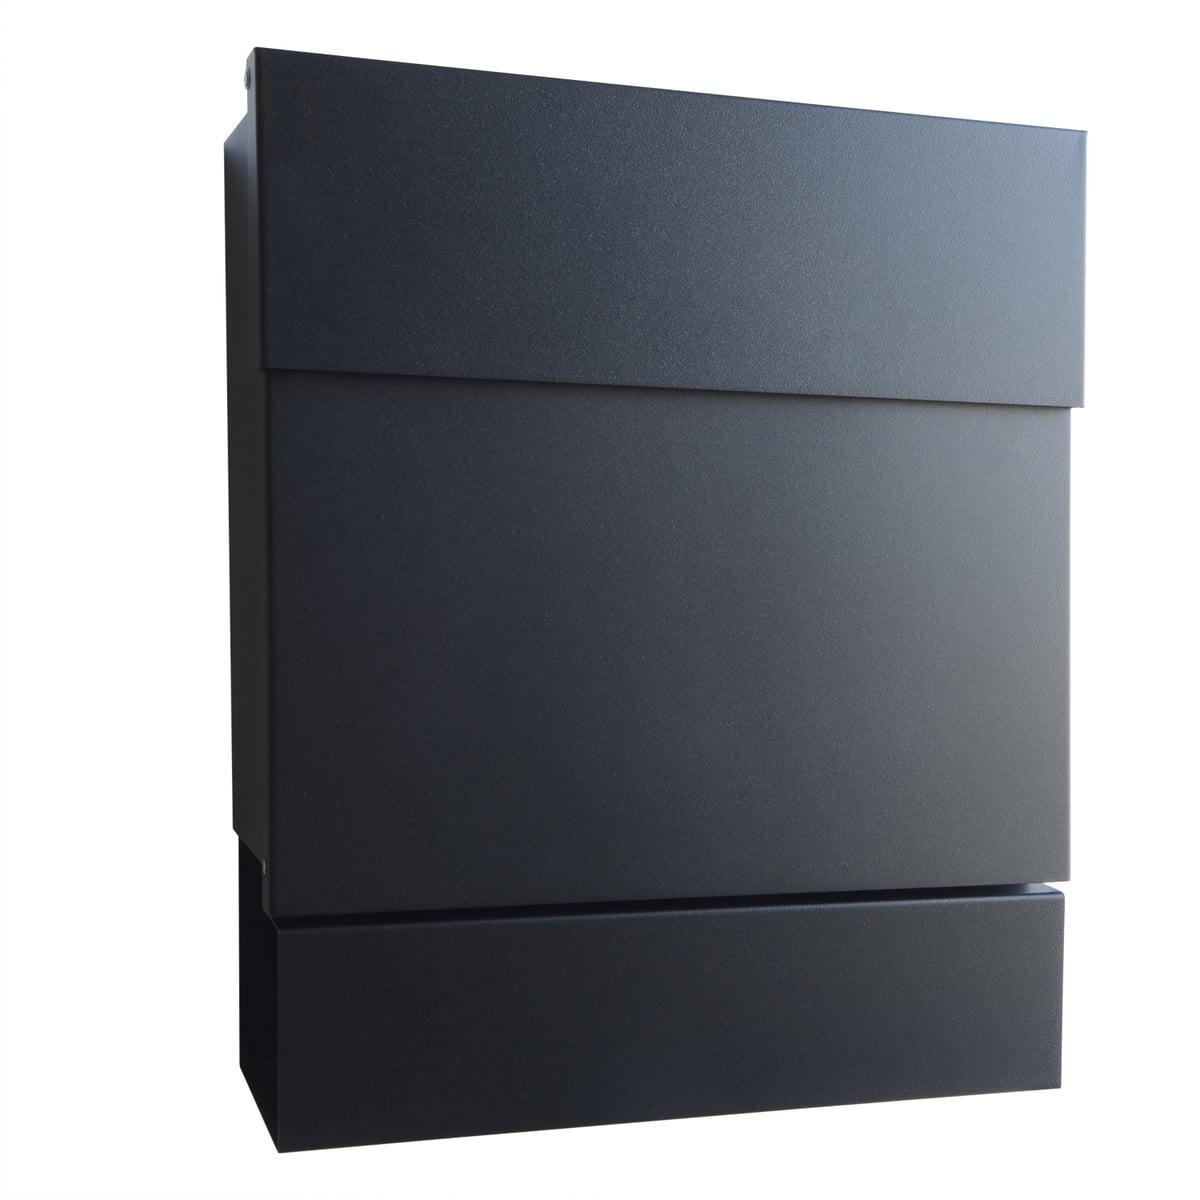 Radius Design - Briefkasten Letterman V, schwarz | Baumarkt > Briefkästen | Schwarz | Stahl pulverbeschichtet | Radius Design